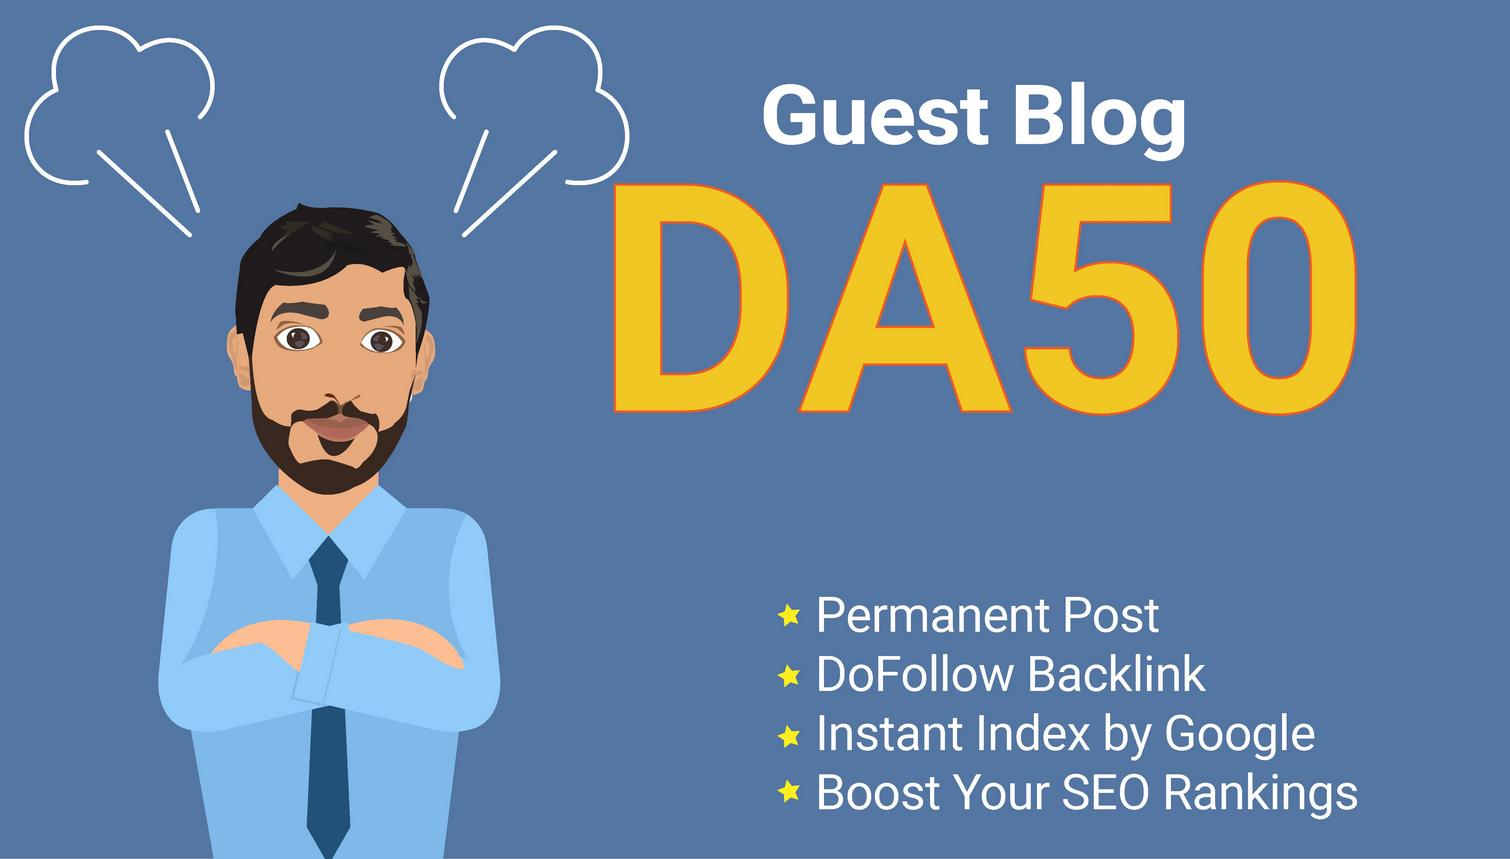 50 High DA Guest Blog Dofollo w Back Links from DA- 60+ Sites